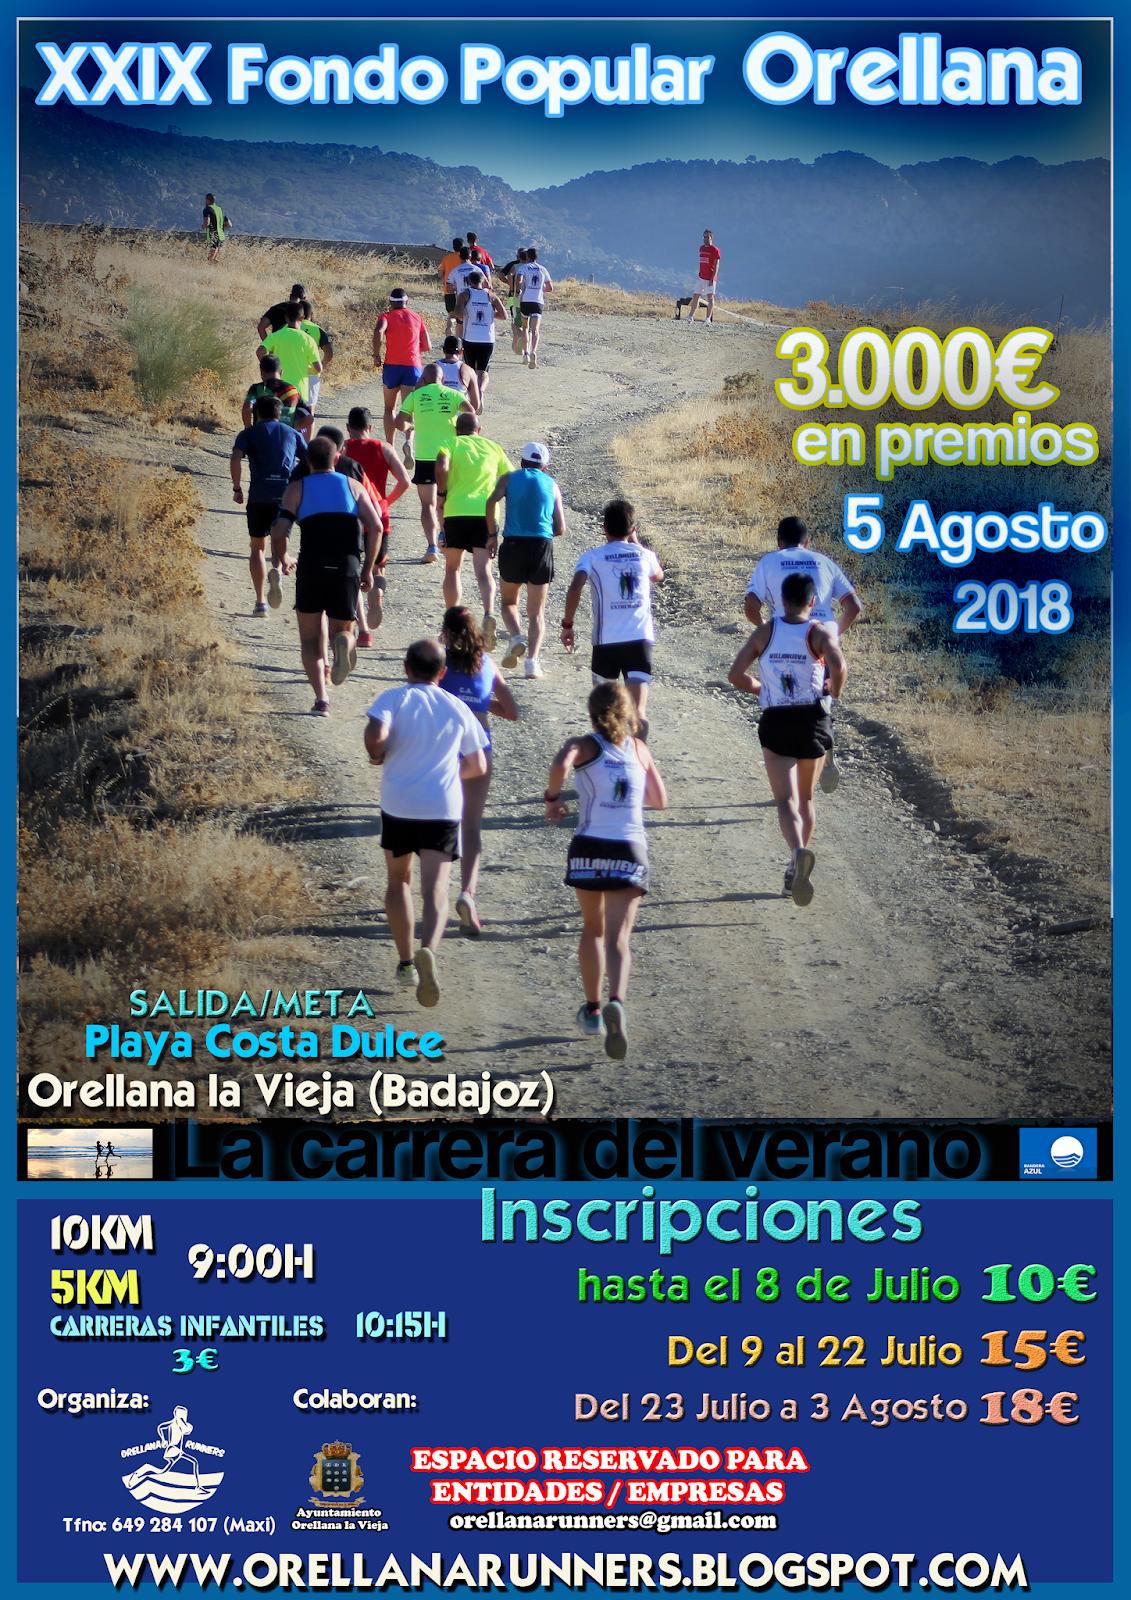 XXIX Fondo Popular Orellana 800M